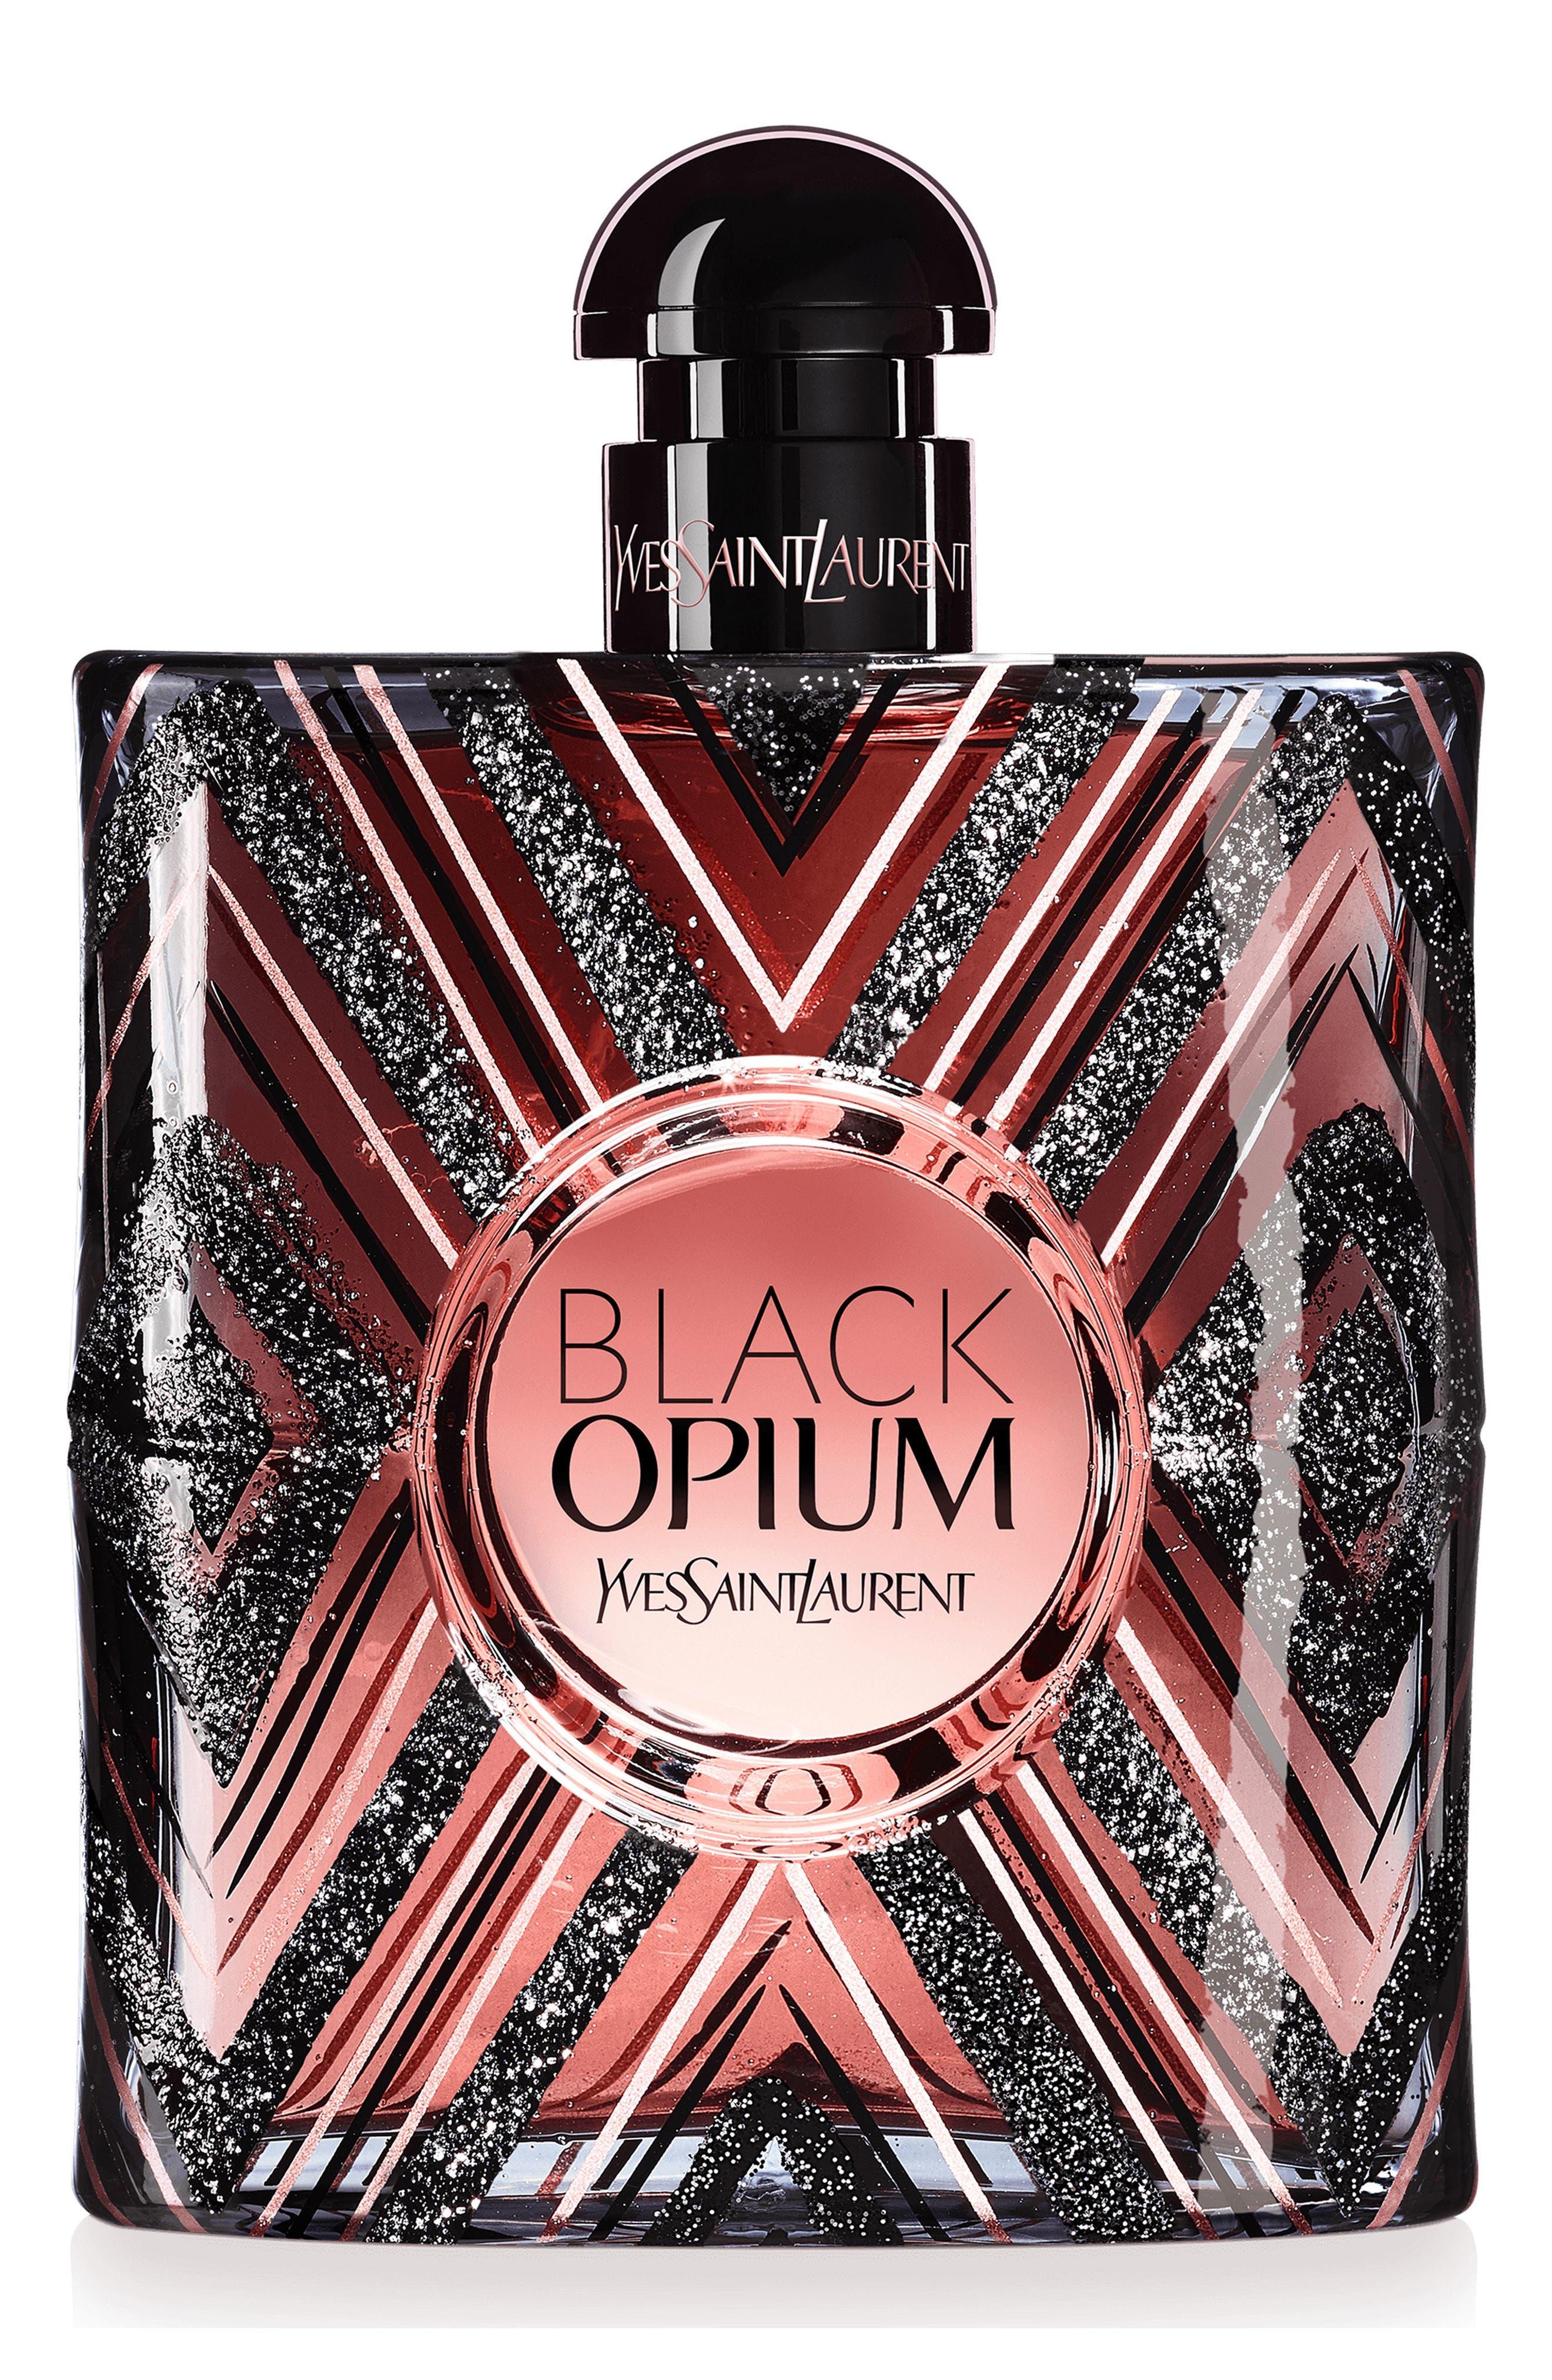 Main Image - YVes Saint Laurent Black Opium Pure Illusion Eau de Parfum (Limited Edition)